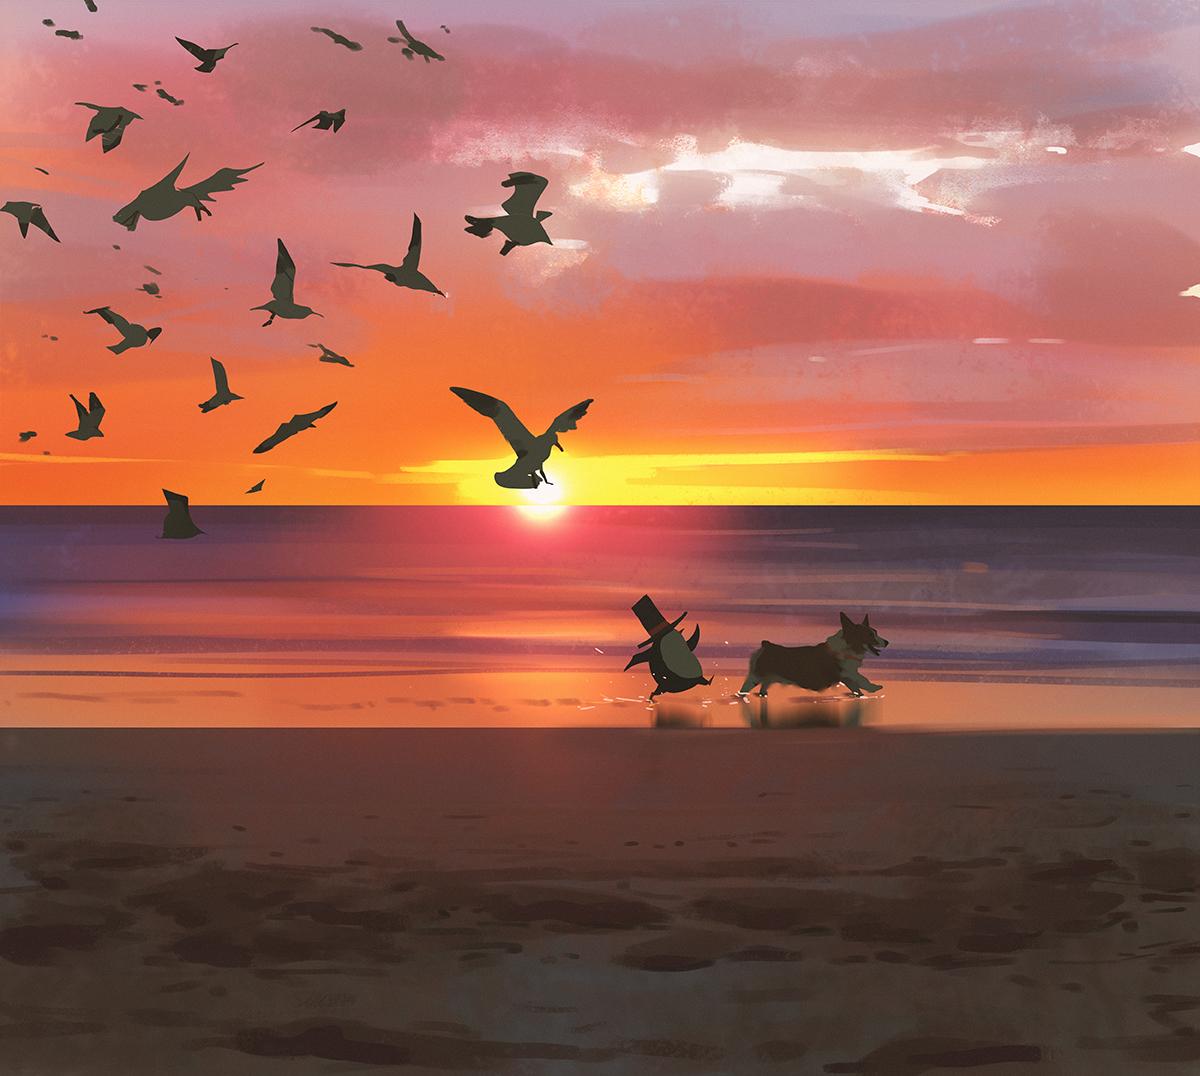 P站画师作品Sunsets